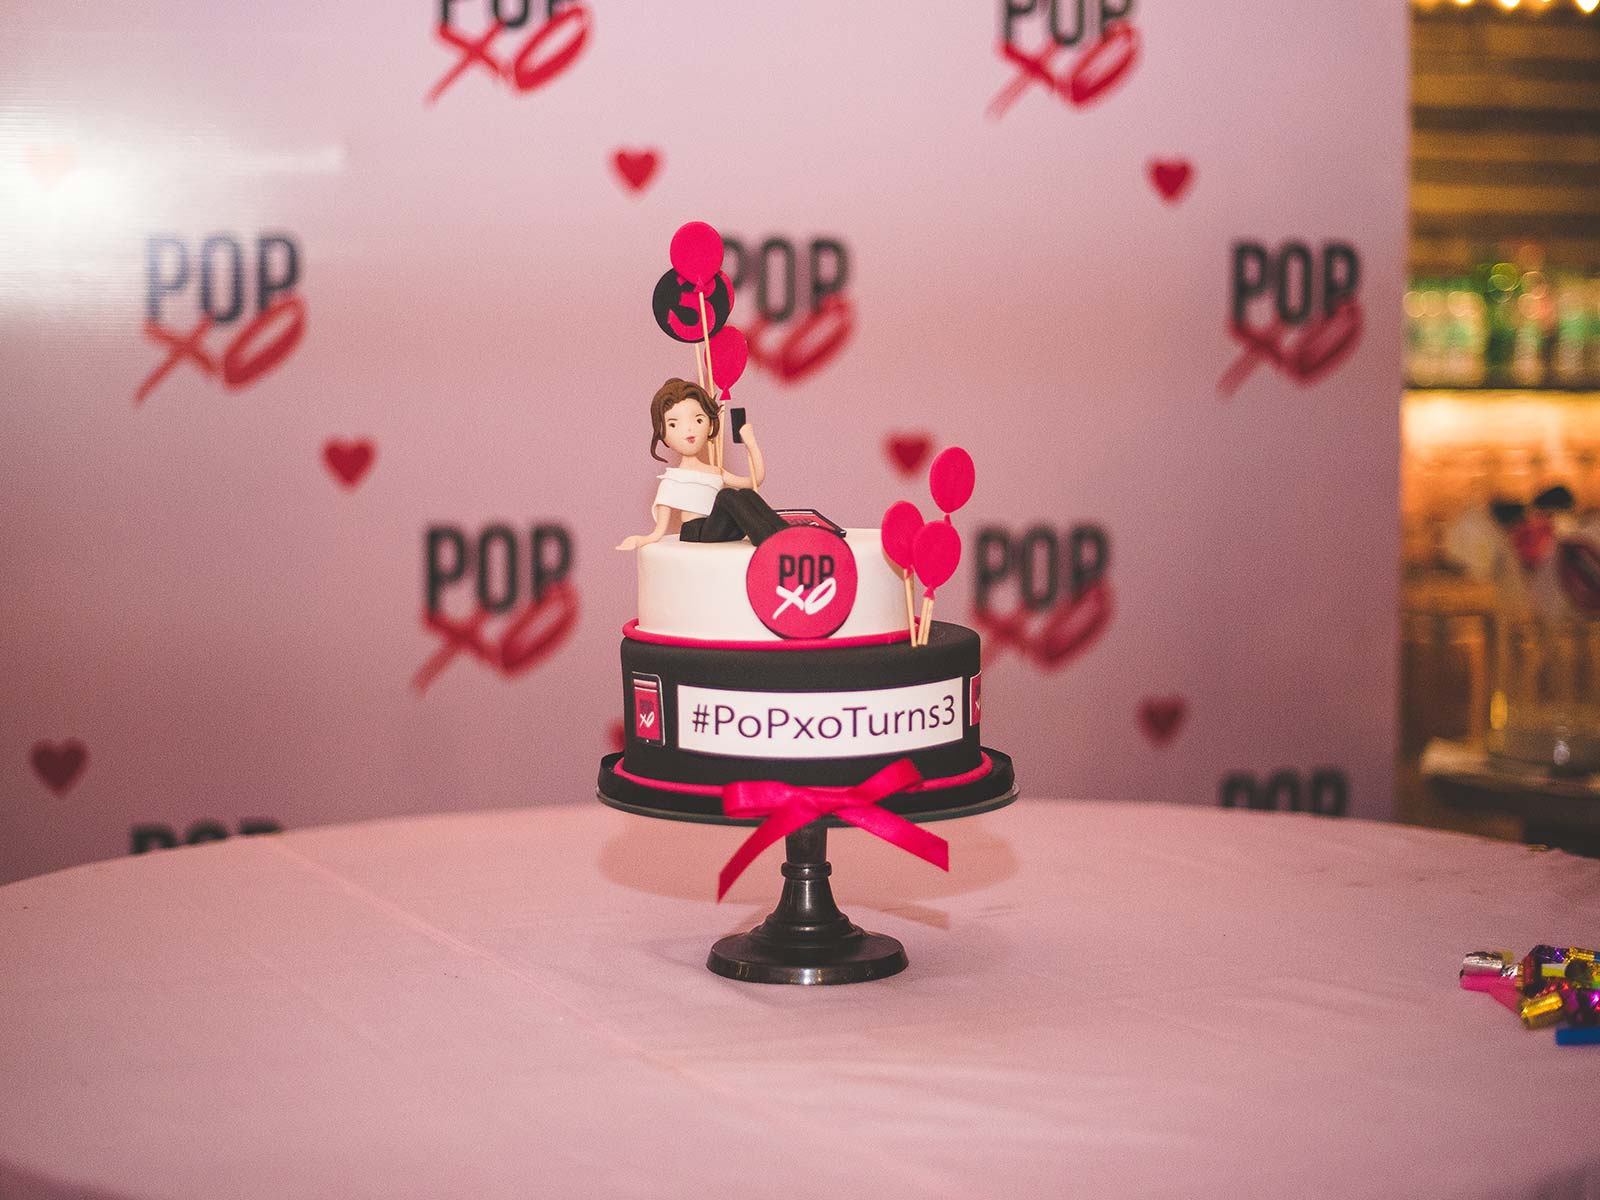 #POPxoTurn3 party at Priyanka Gill's residence in Delhi